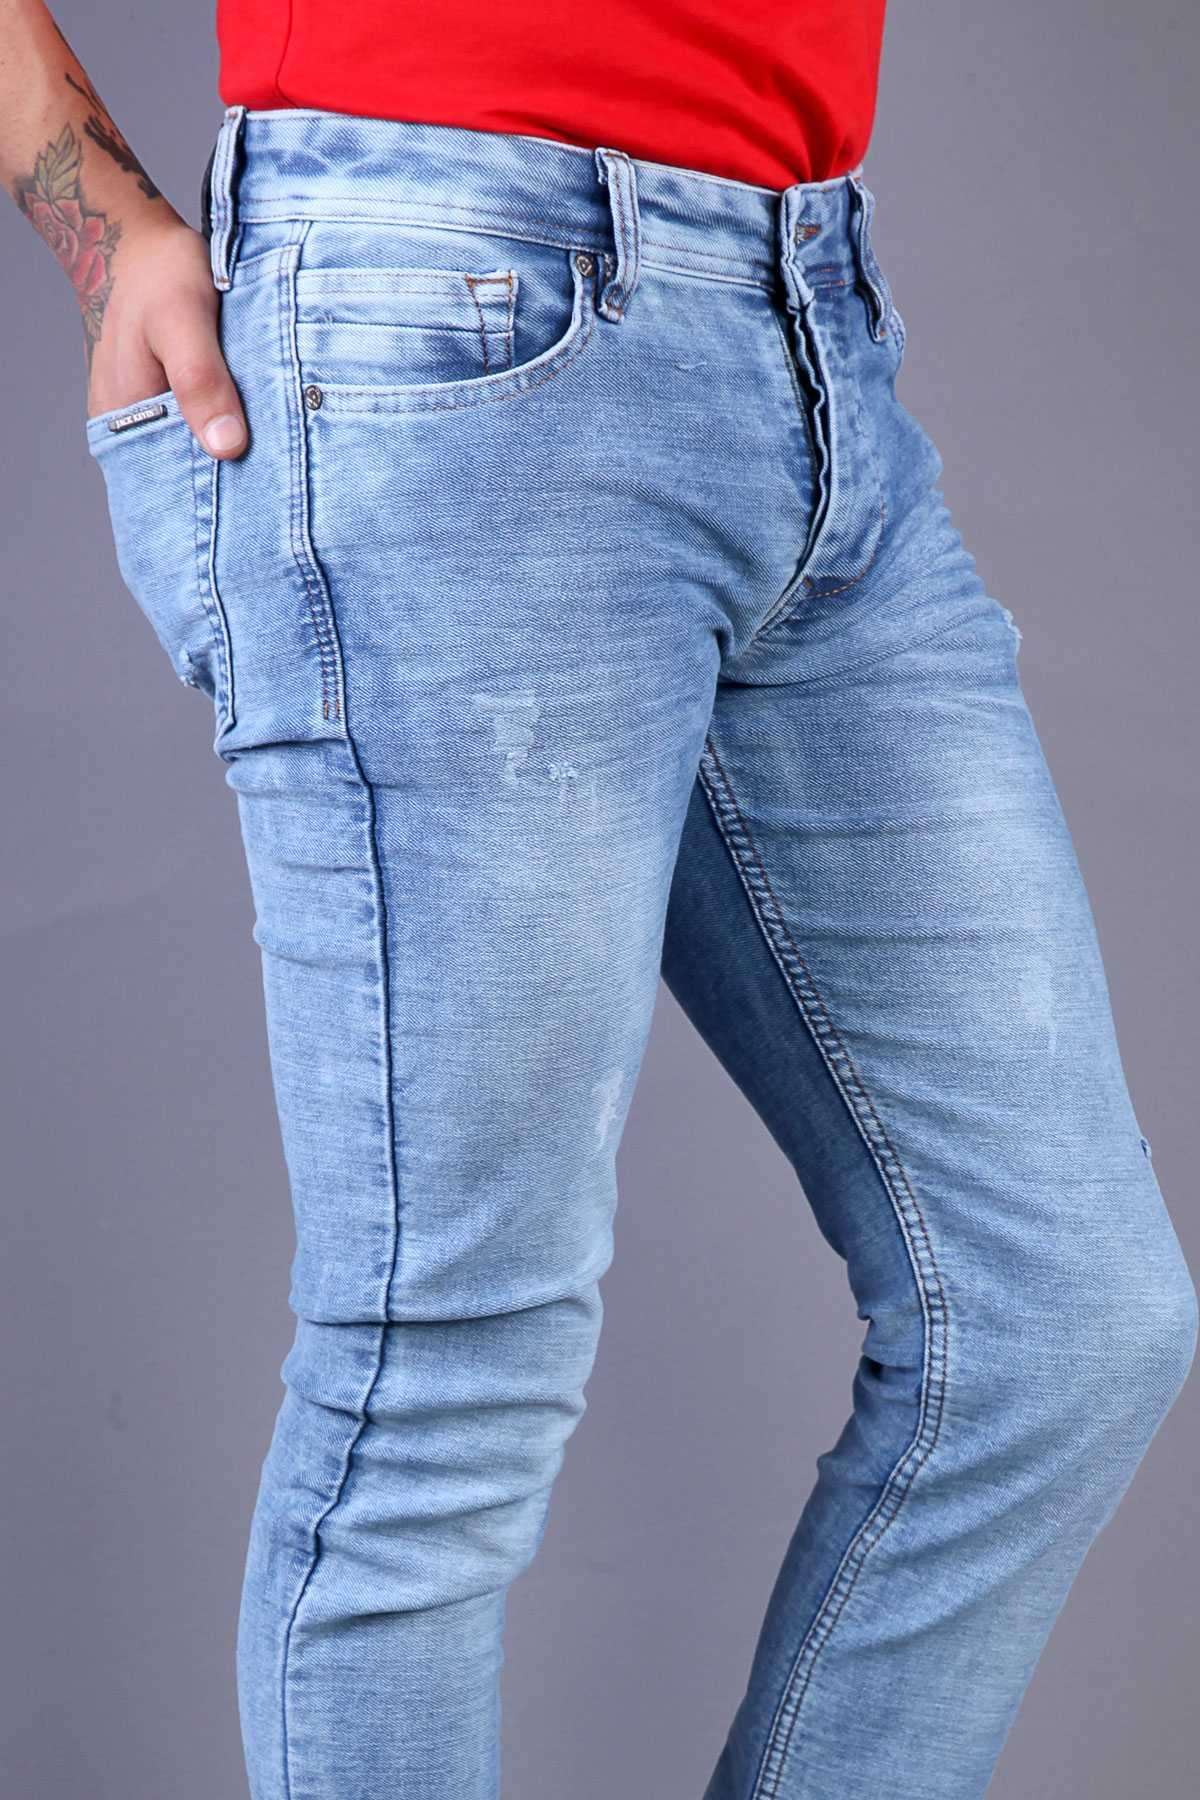 Üstü Lazer Tırtıklı Yıkamalı Slim Fit Kot Pantolon Mavi